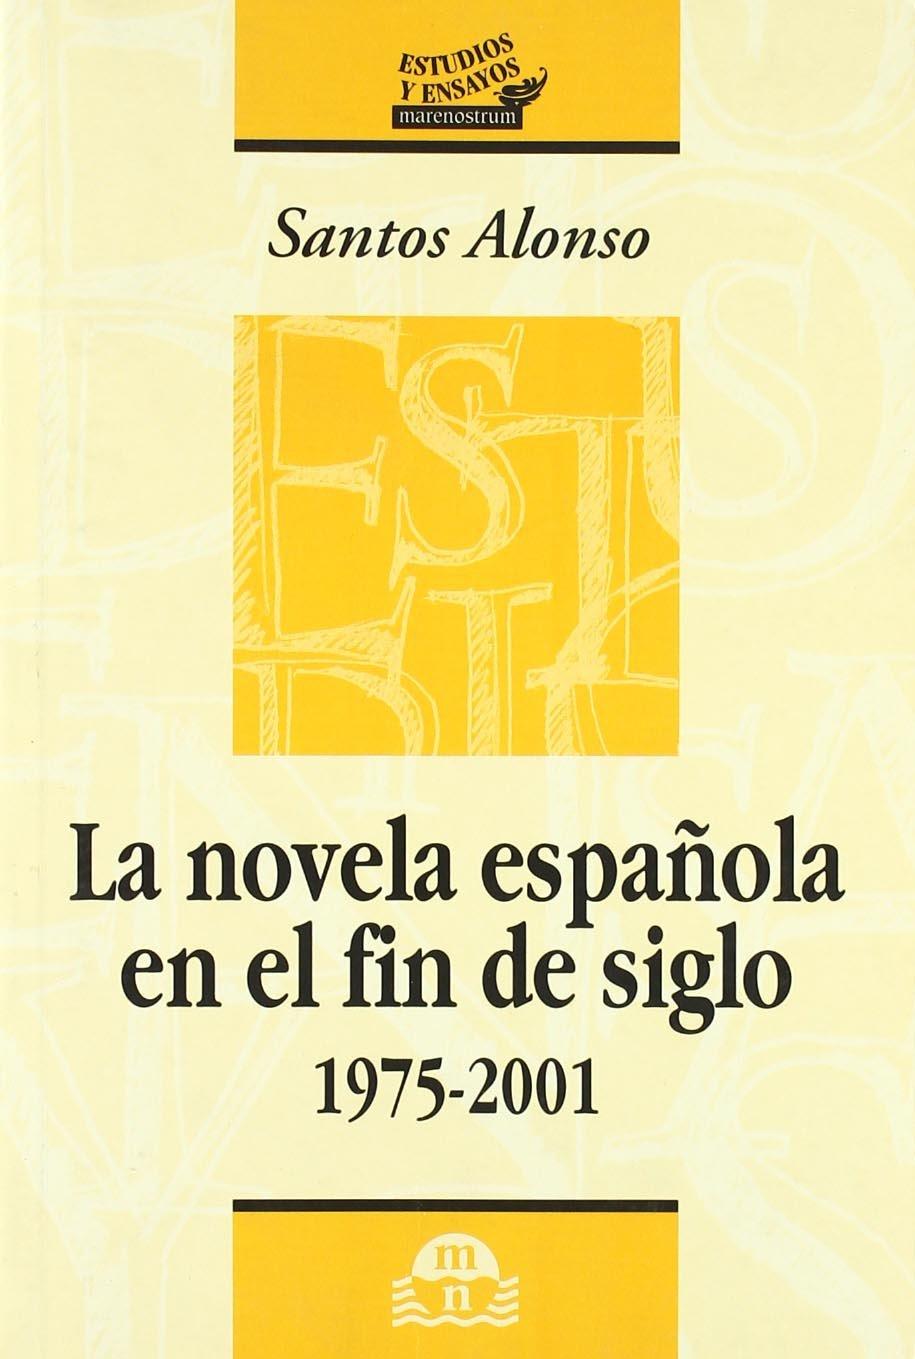 Novela española en el fin de siglo, la 1975-2001: Amazon.es: Alonso, Santos: Libros